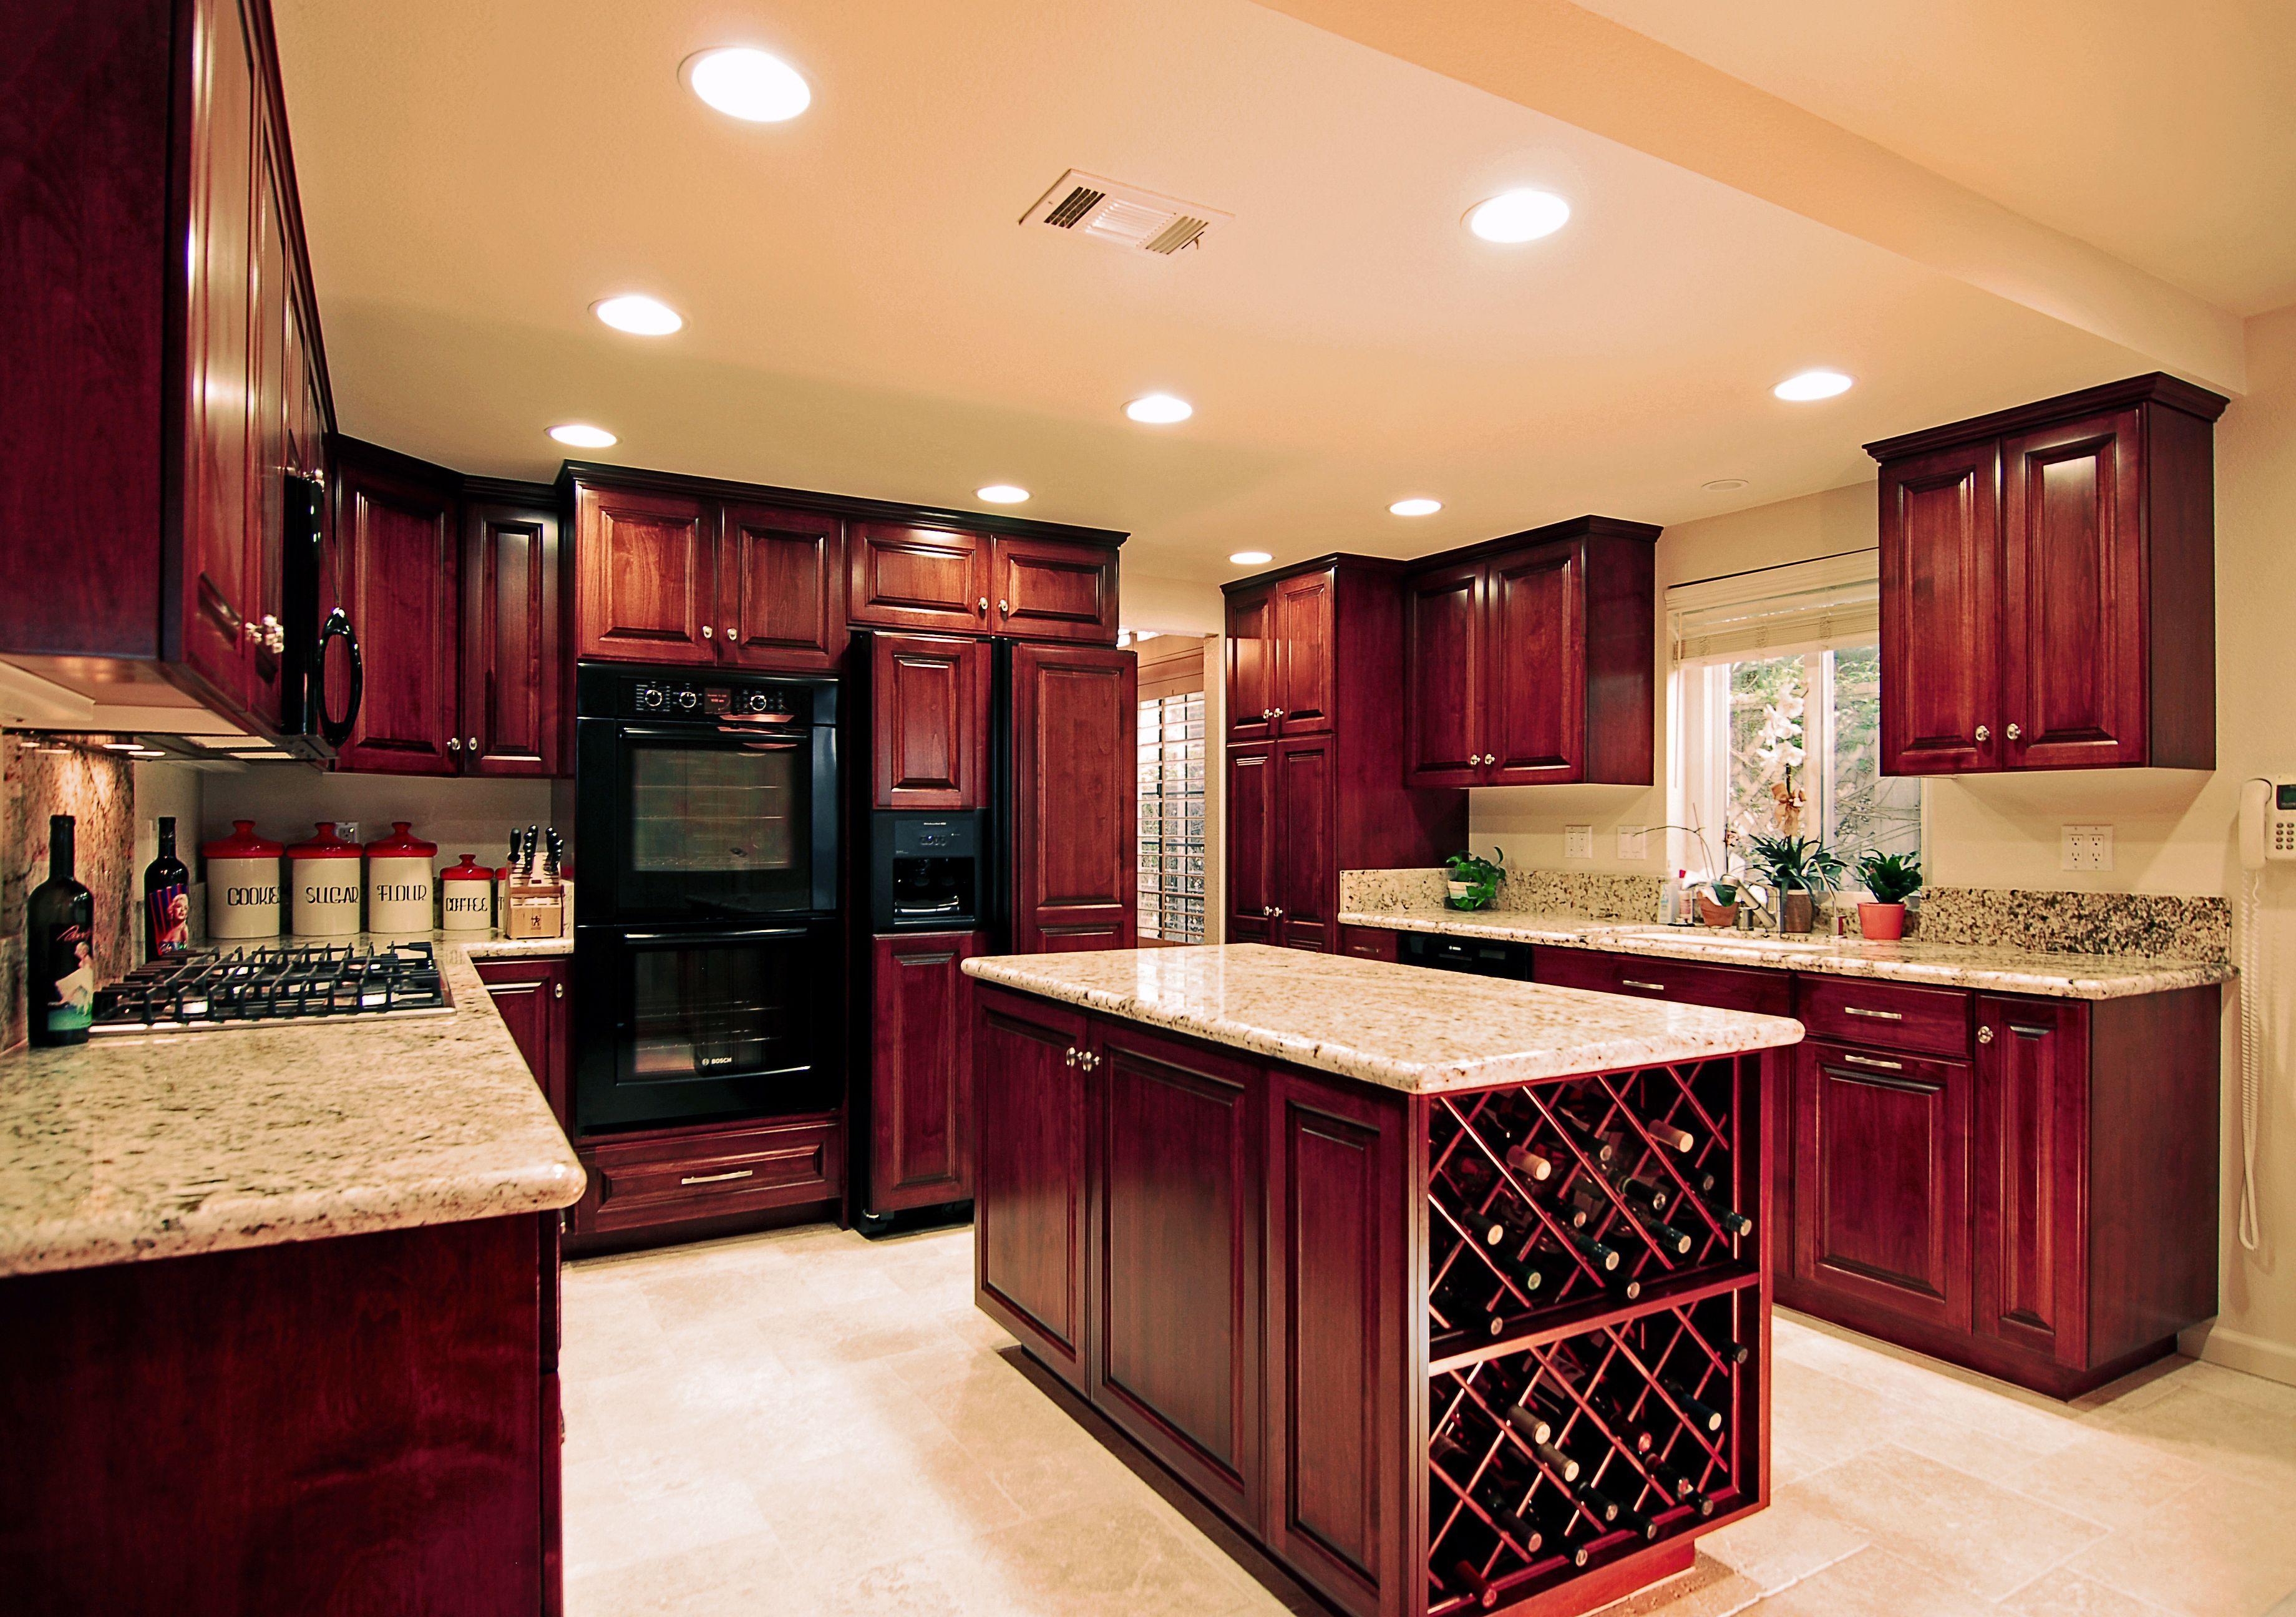 25 Best Cherry Kitchen Cabinets Ideas On Internet Cherry Cabinets Kitchen Kitchen Cabinets And Countertops Cherry Wood Kitchens